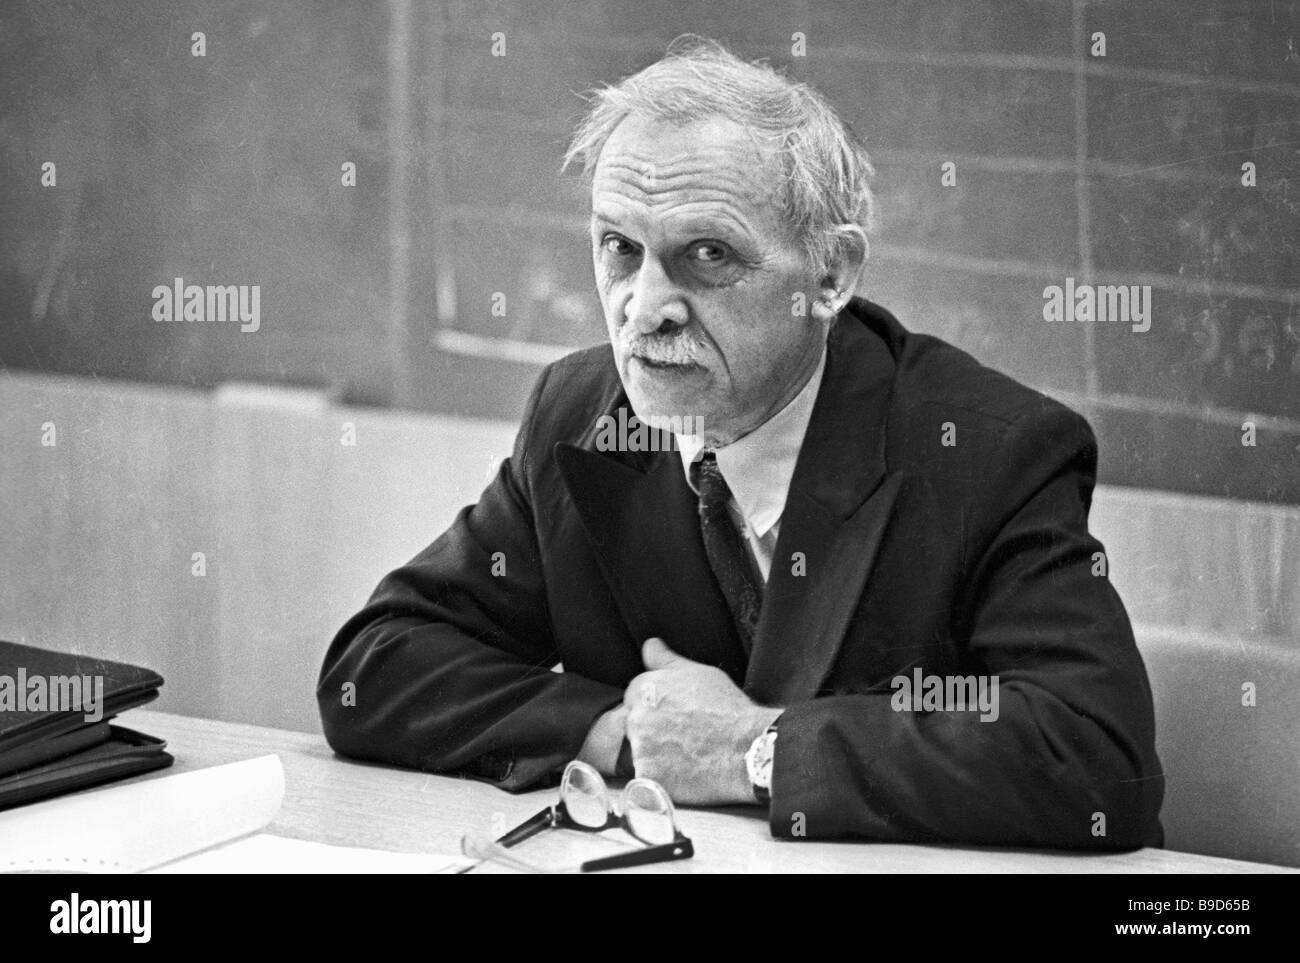 Dr Igor Golovin a creator of the Ogra 4 nuclear facility - Stock Image